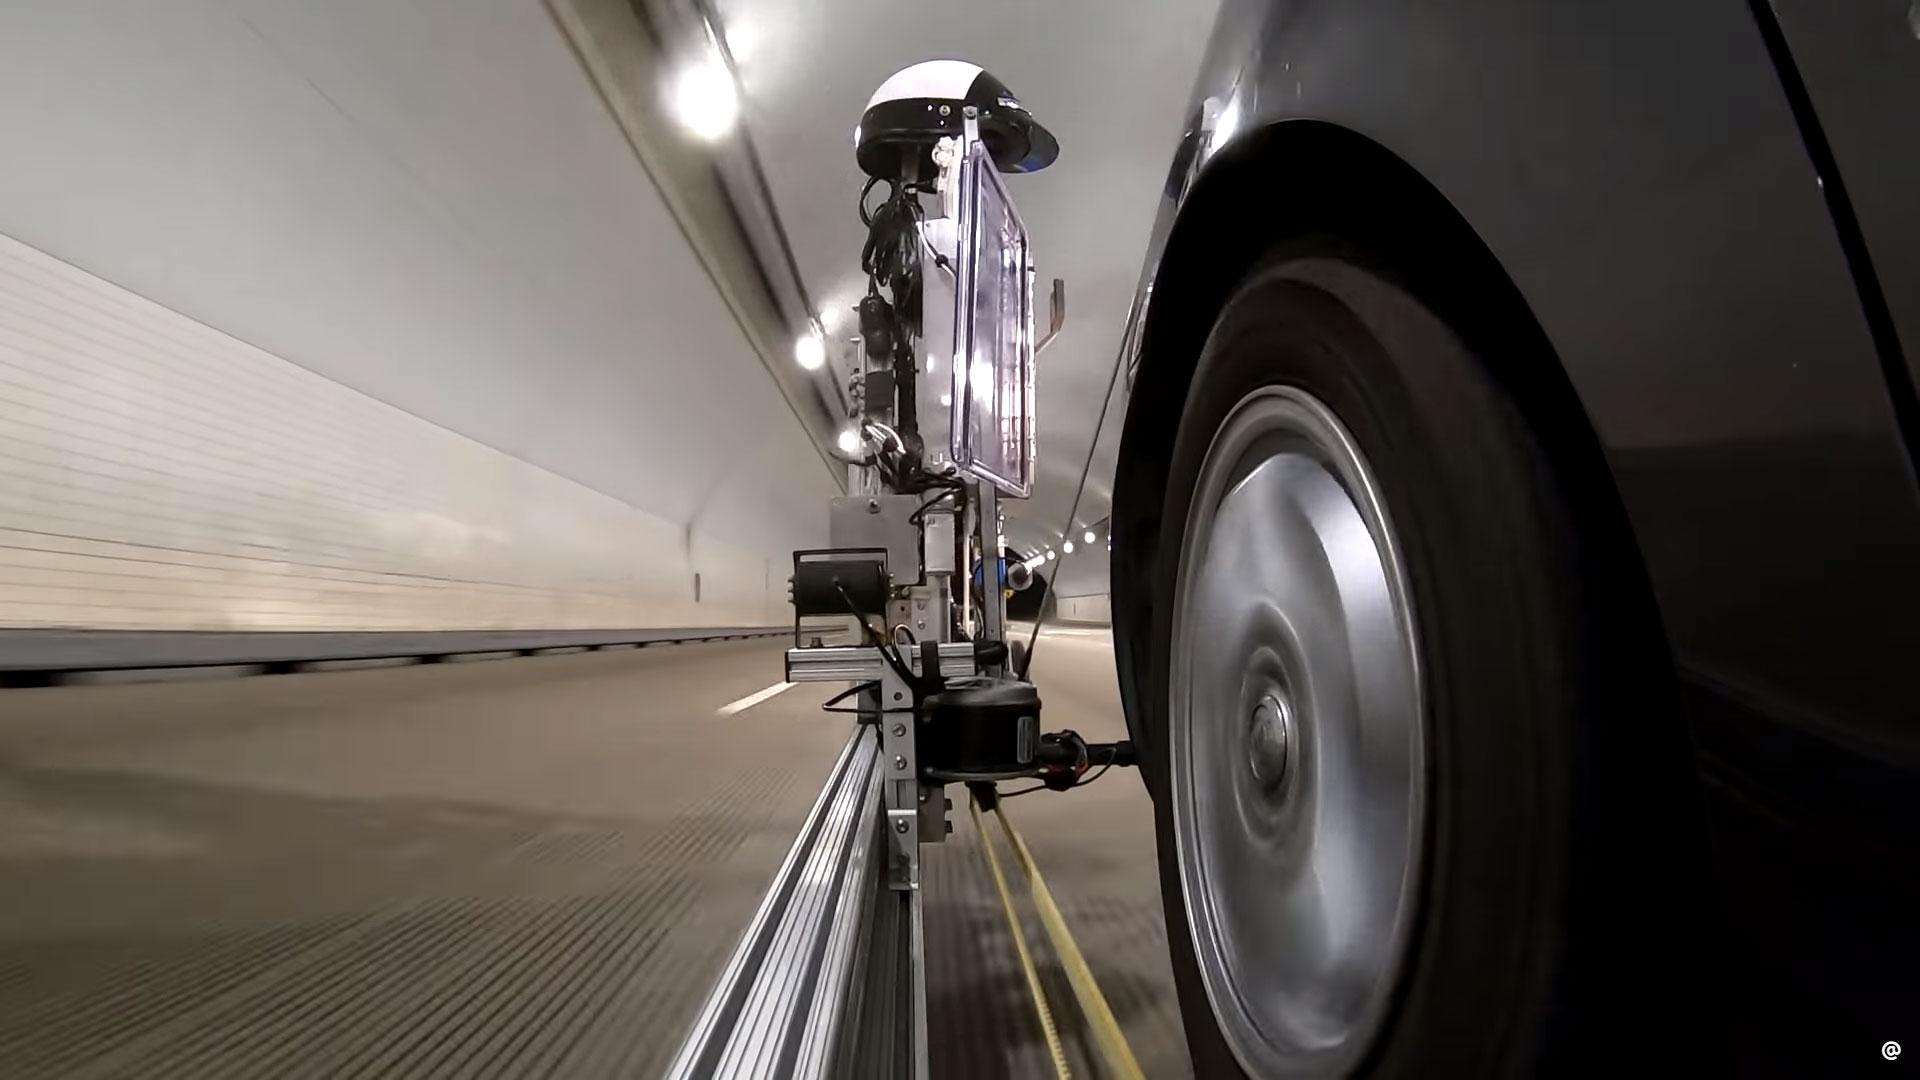 politie-robot doet de staandehoudingen